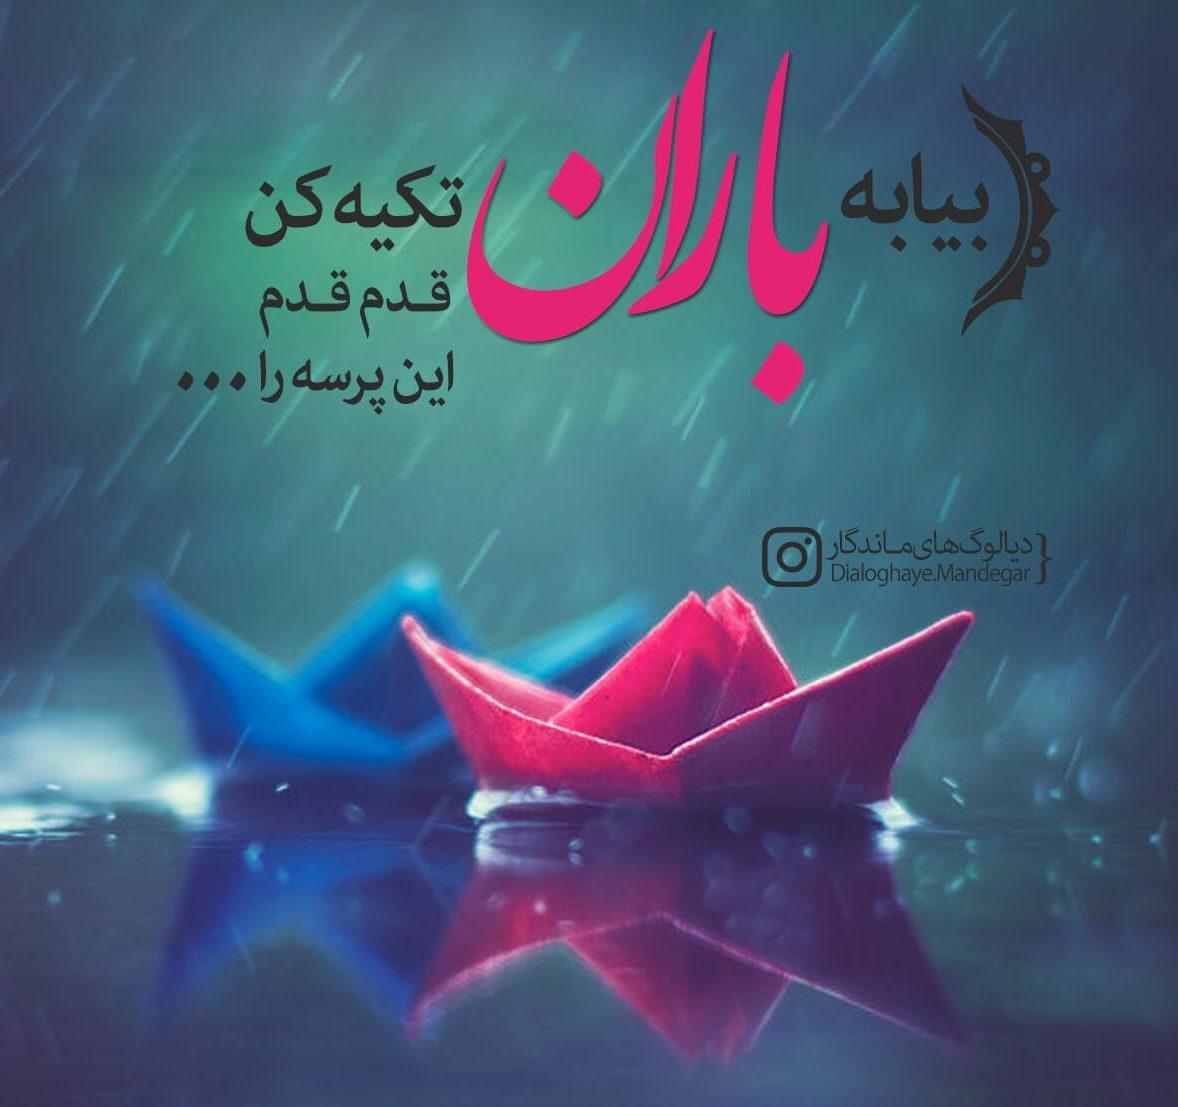 متن هوای بارانی